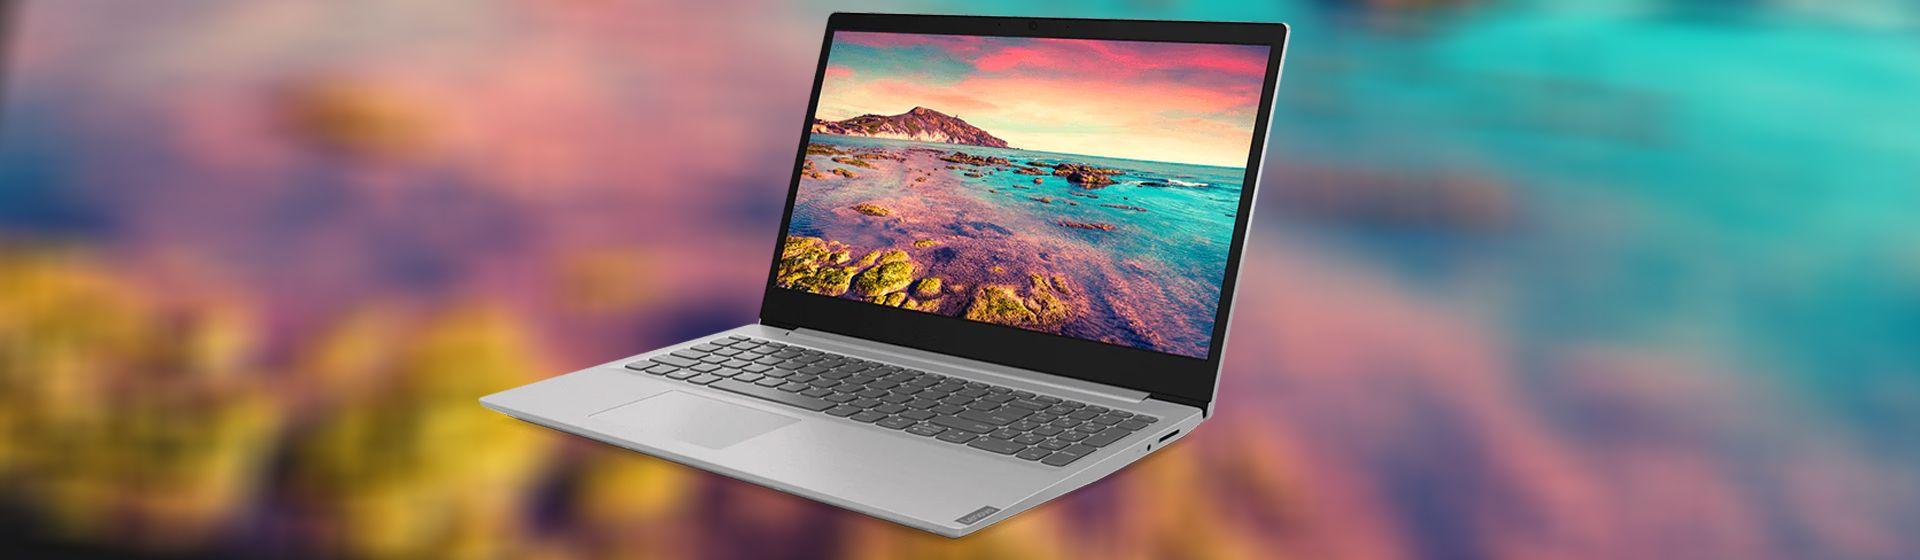 Notebooks mais vendidos em setembro de 2020: IdeaPad S145 lidera